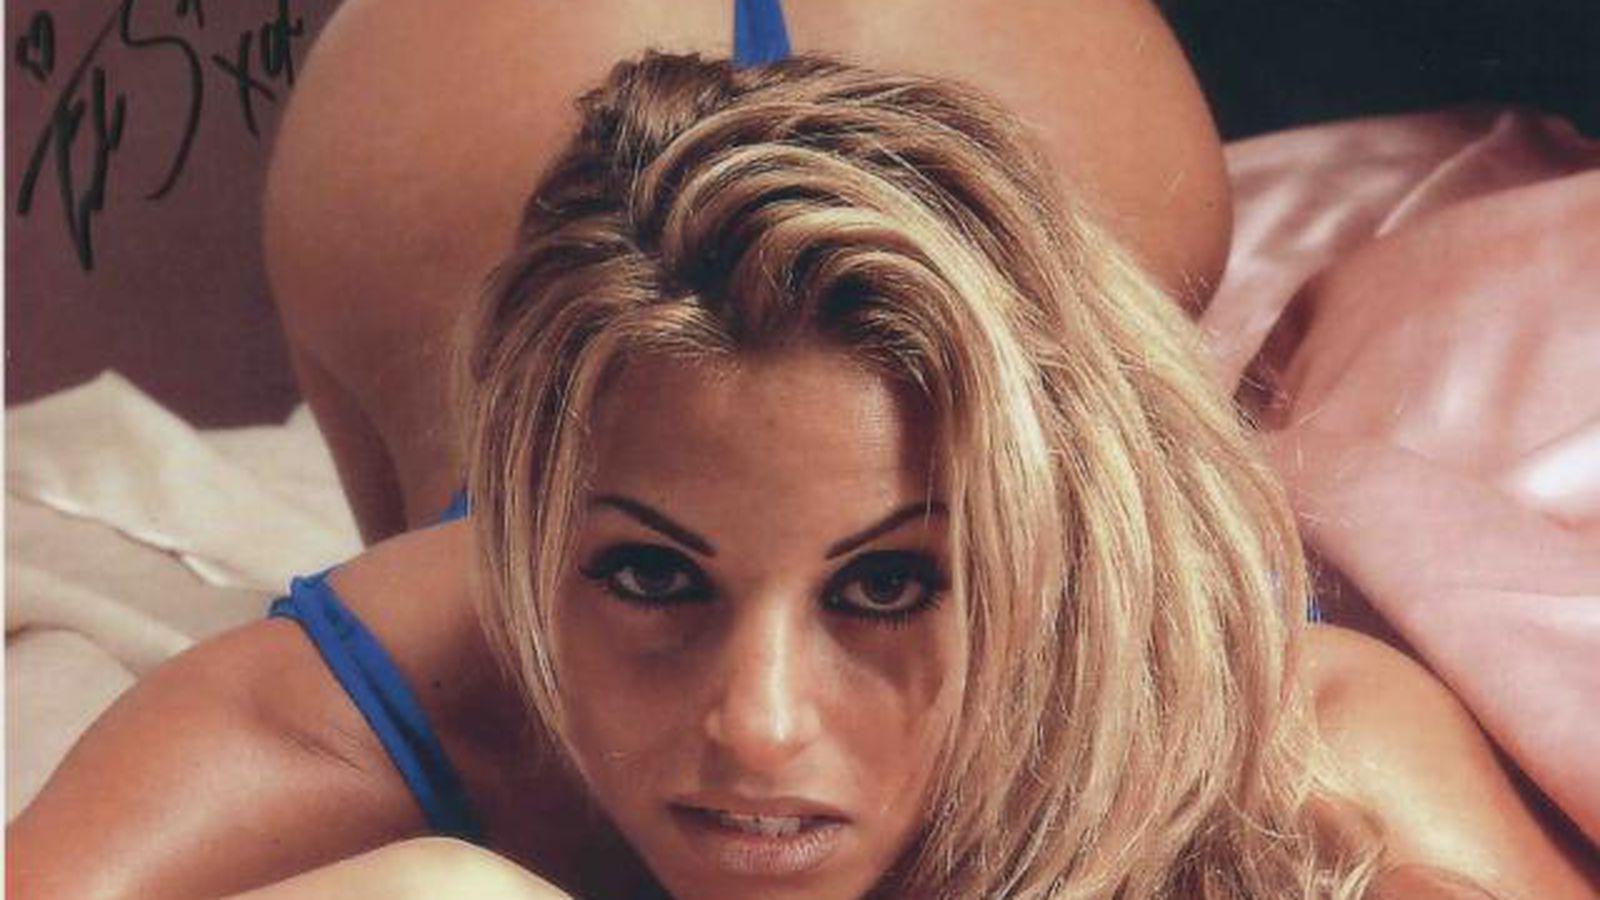 Stacy burke big dildo